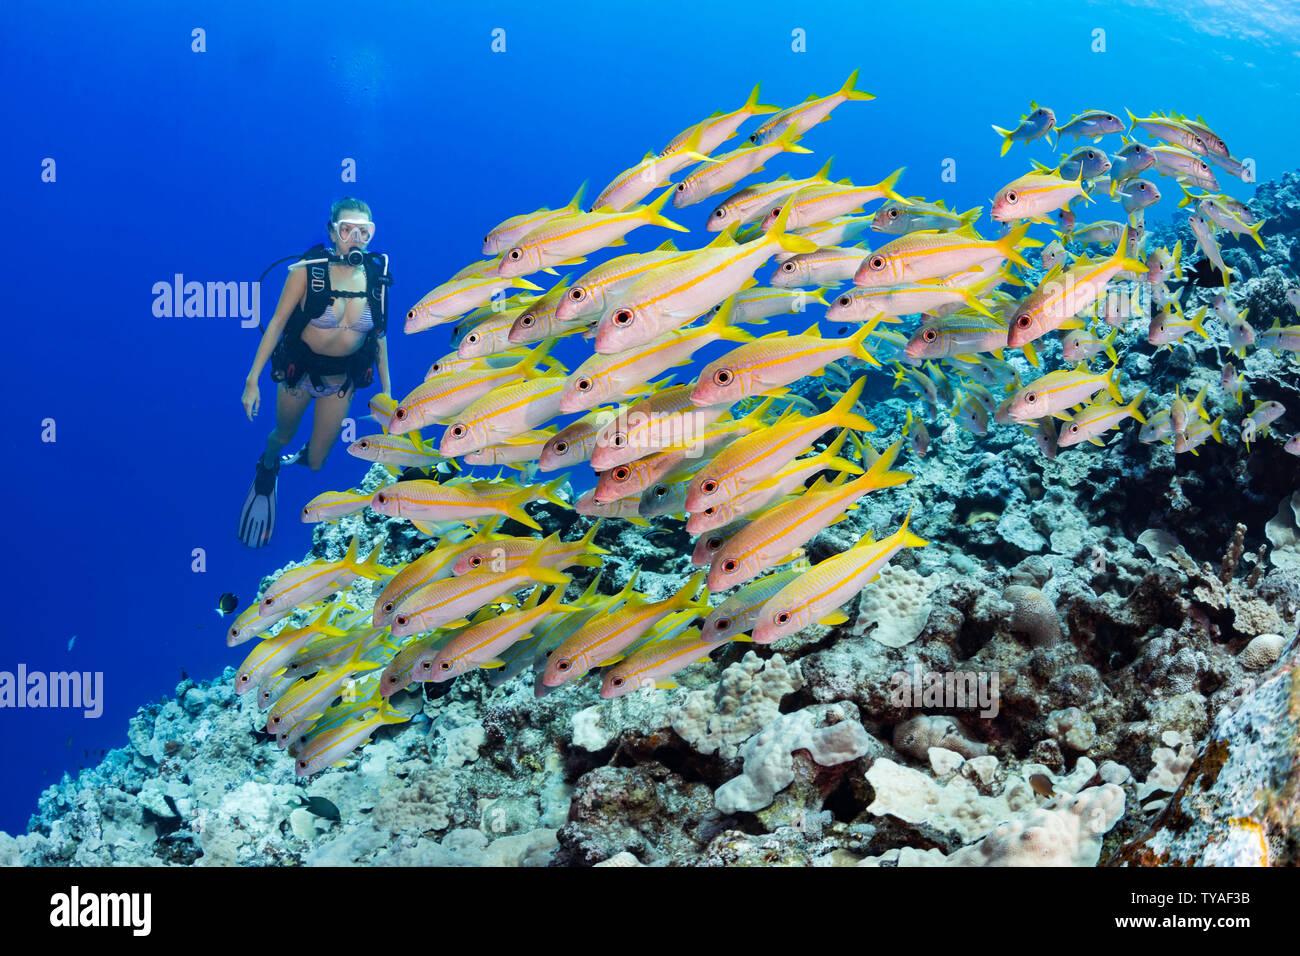 Diver (MR) y escolarización, salmonete, Mulloidichthys vanicolensis rabil, Yap, Micronesia. Foto de stock